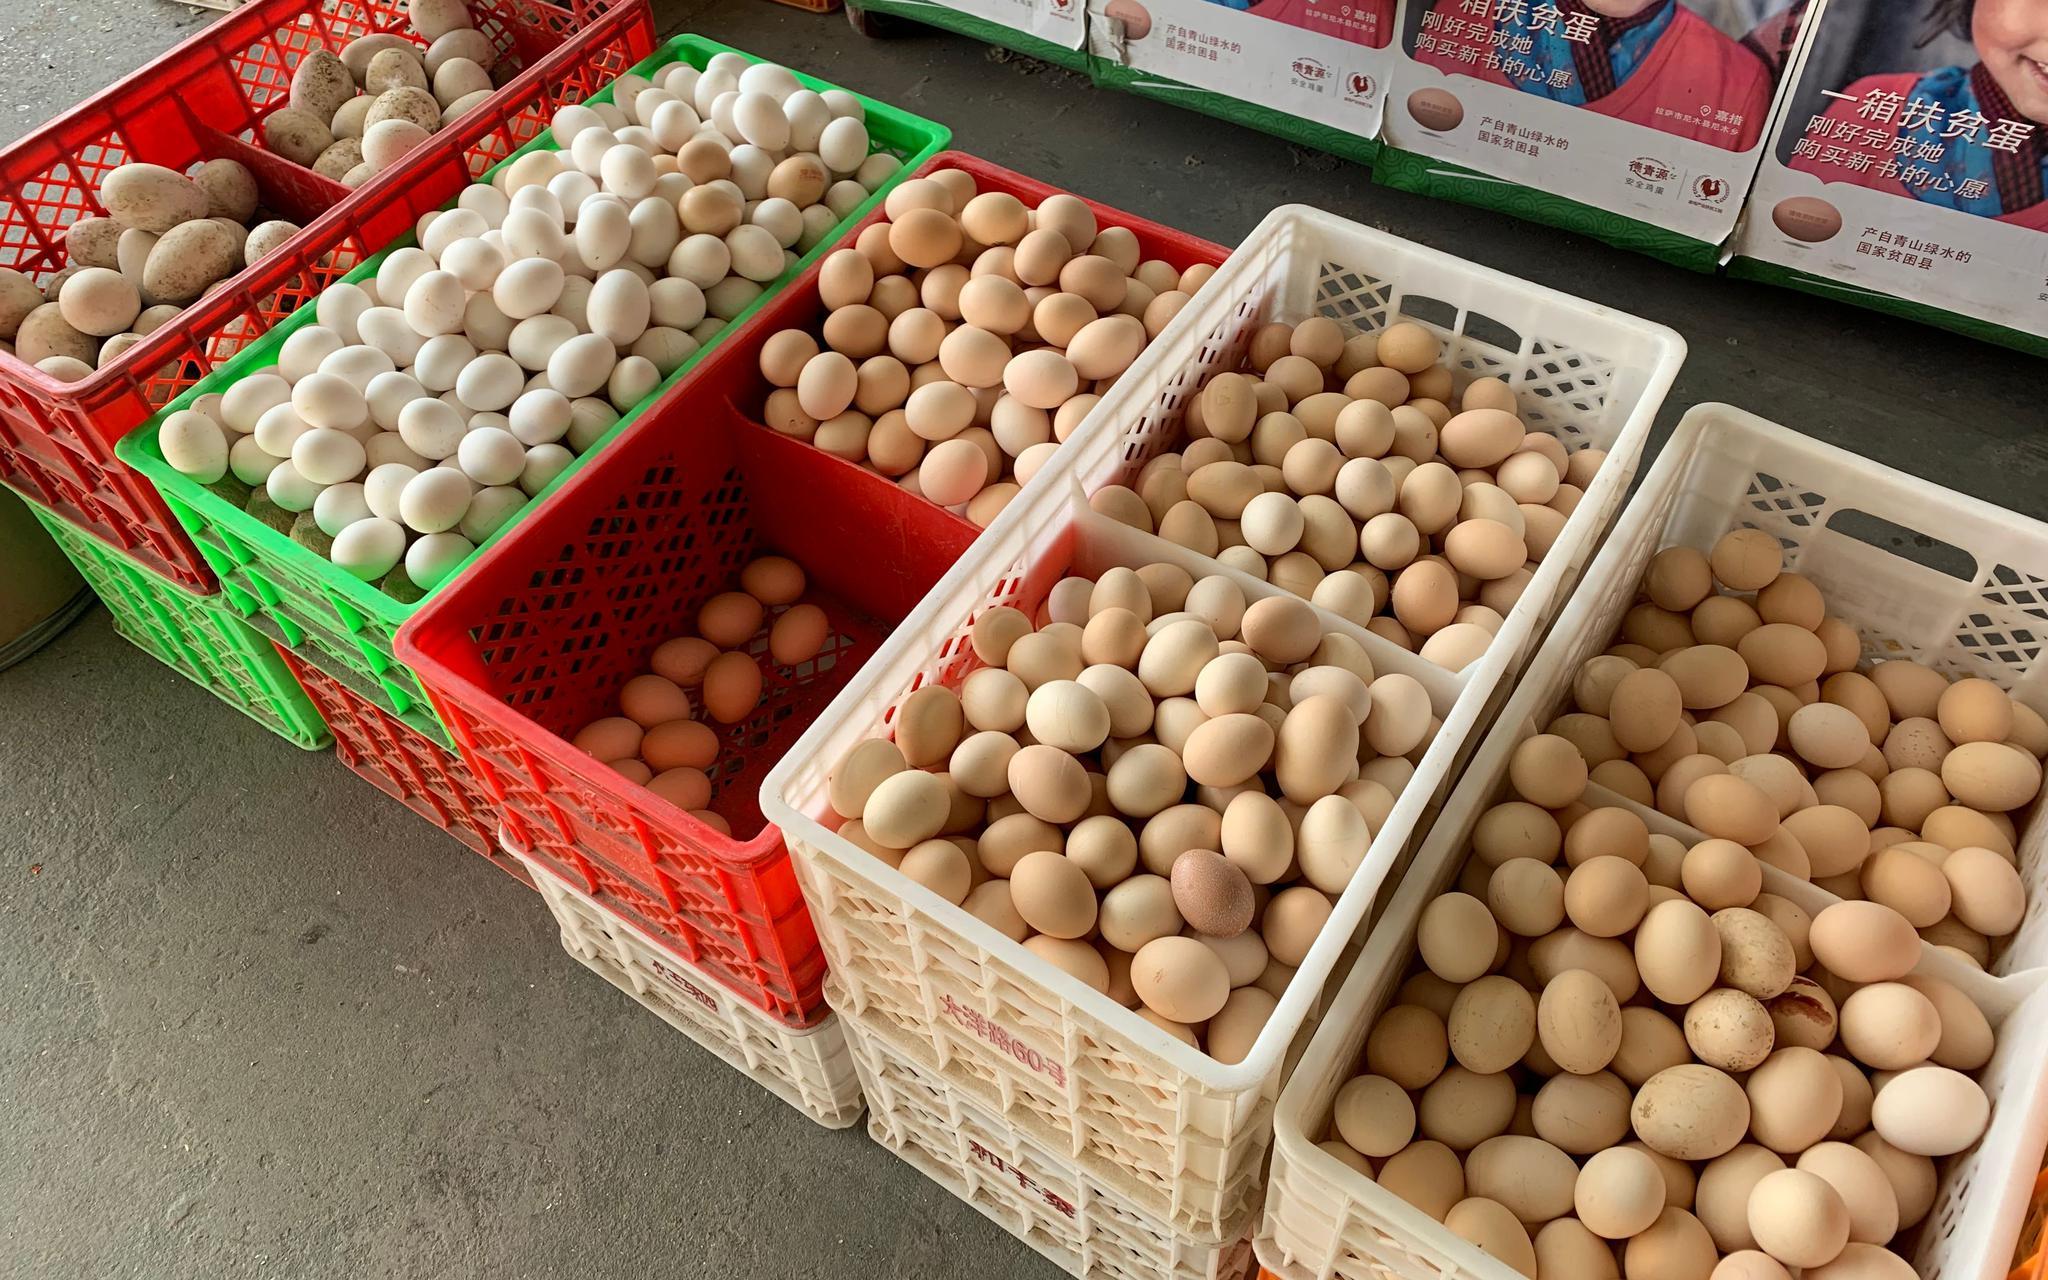 年前鸡蛋价格连续回落 节后很难反弹